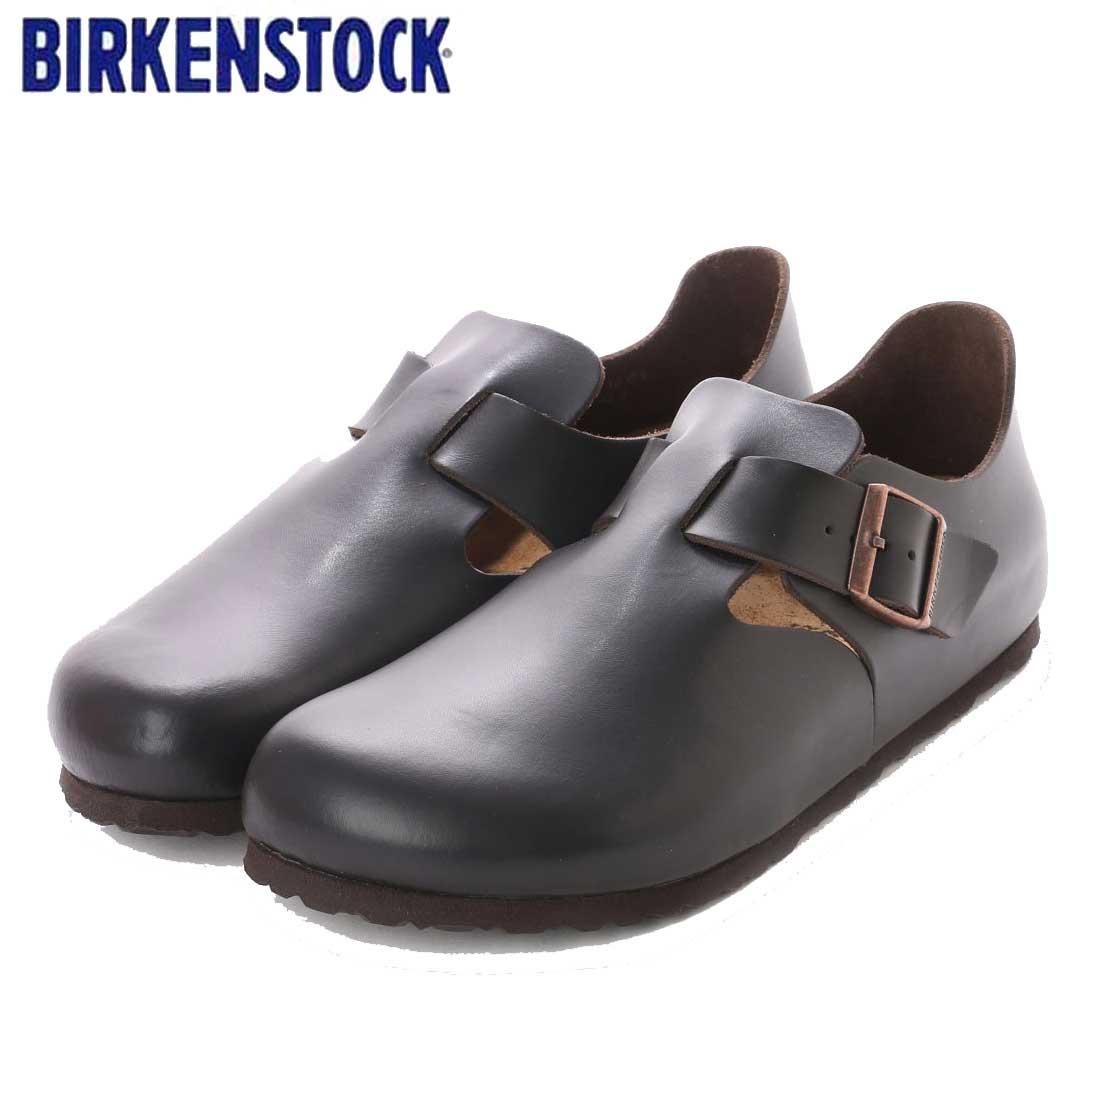 ビルケンシュトック BIRKENSTOCK LONDON(ロンドン)ユニセックス GS 1004304(スムースレザー/ダークブラウン) 「靴」